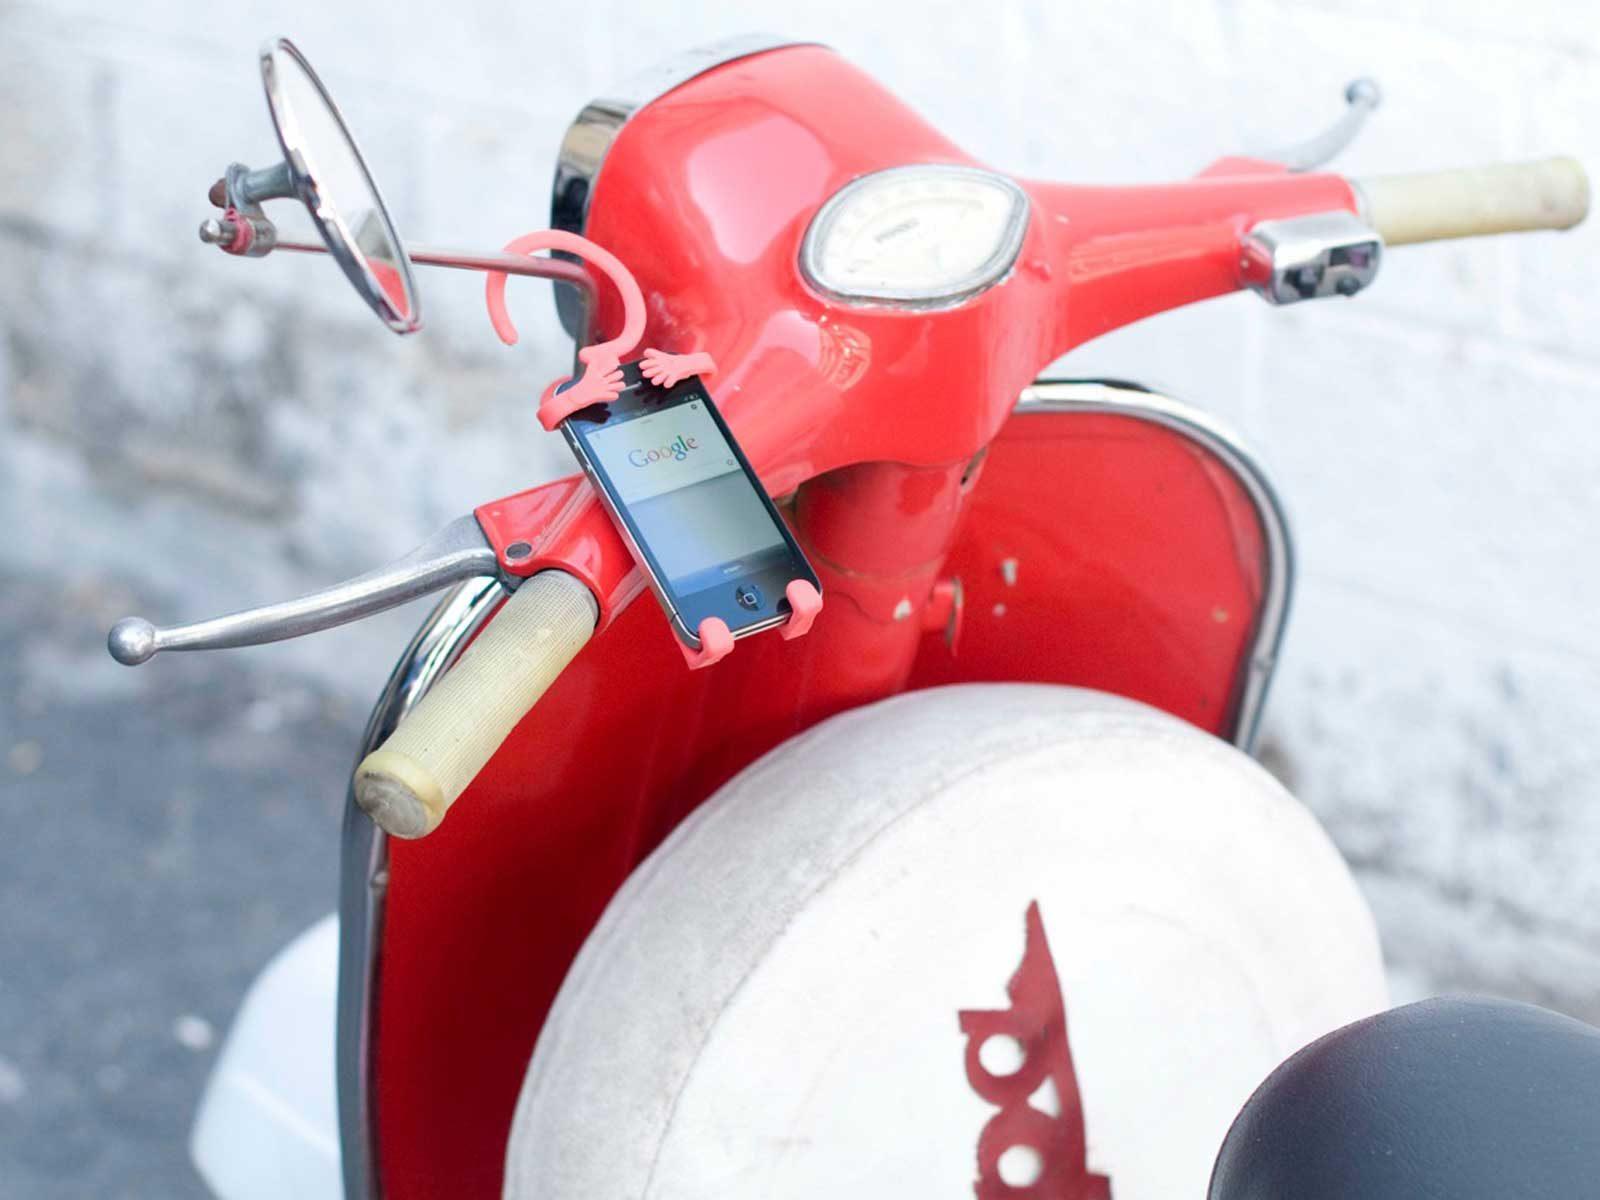 מחזיק סלולר לקטנוע